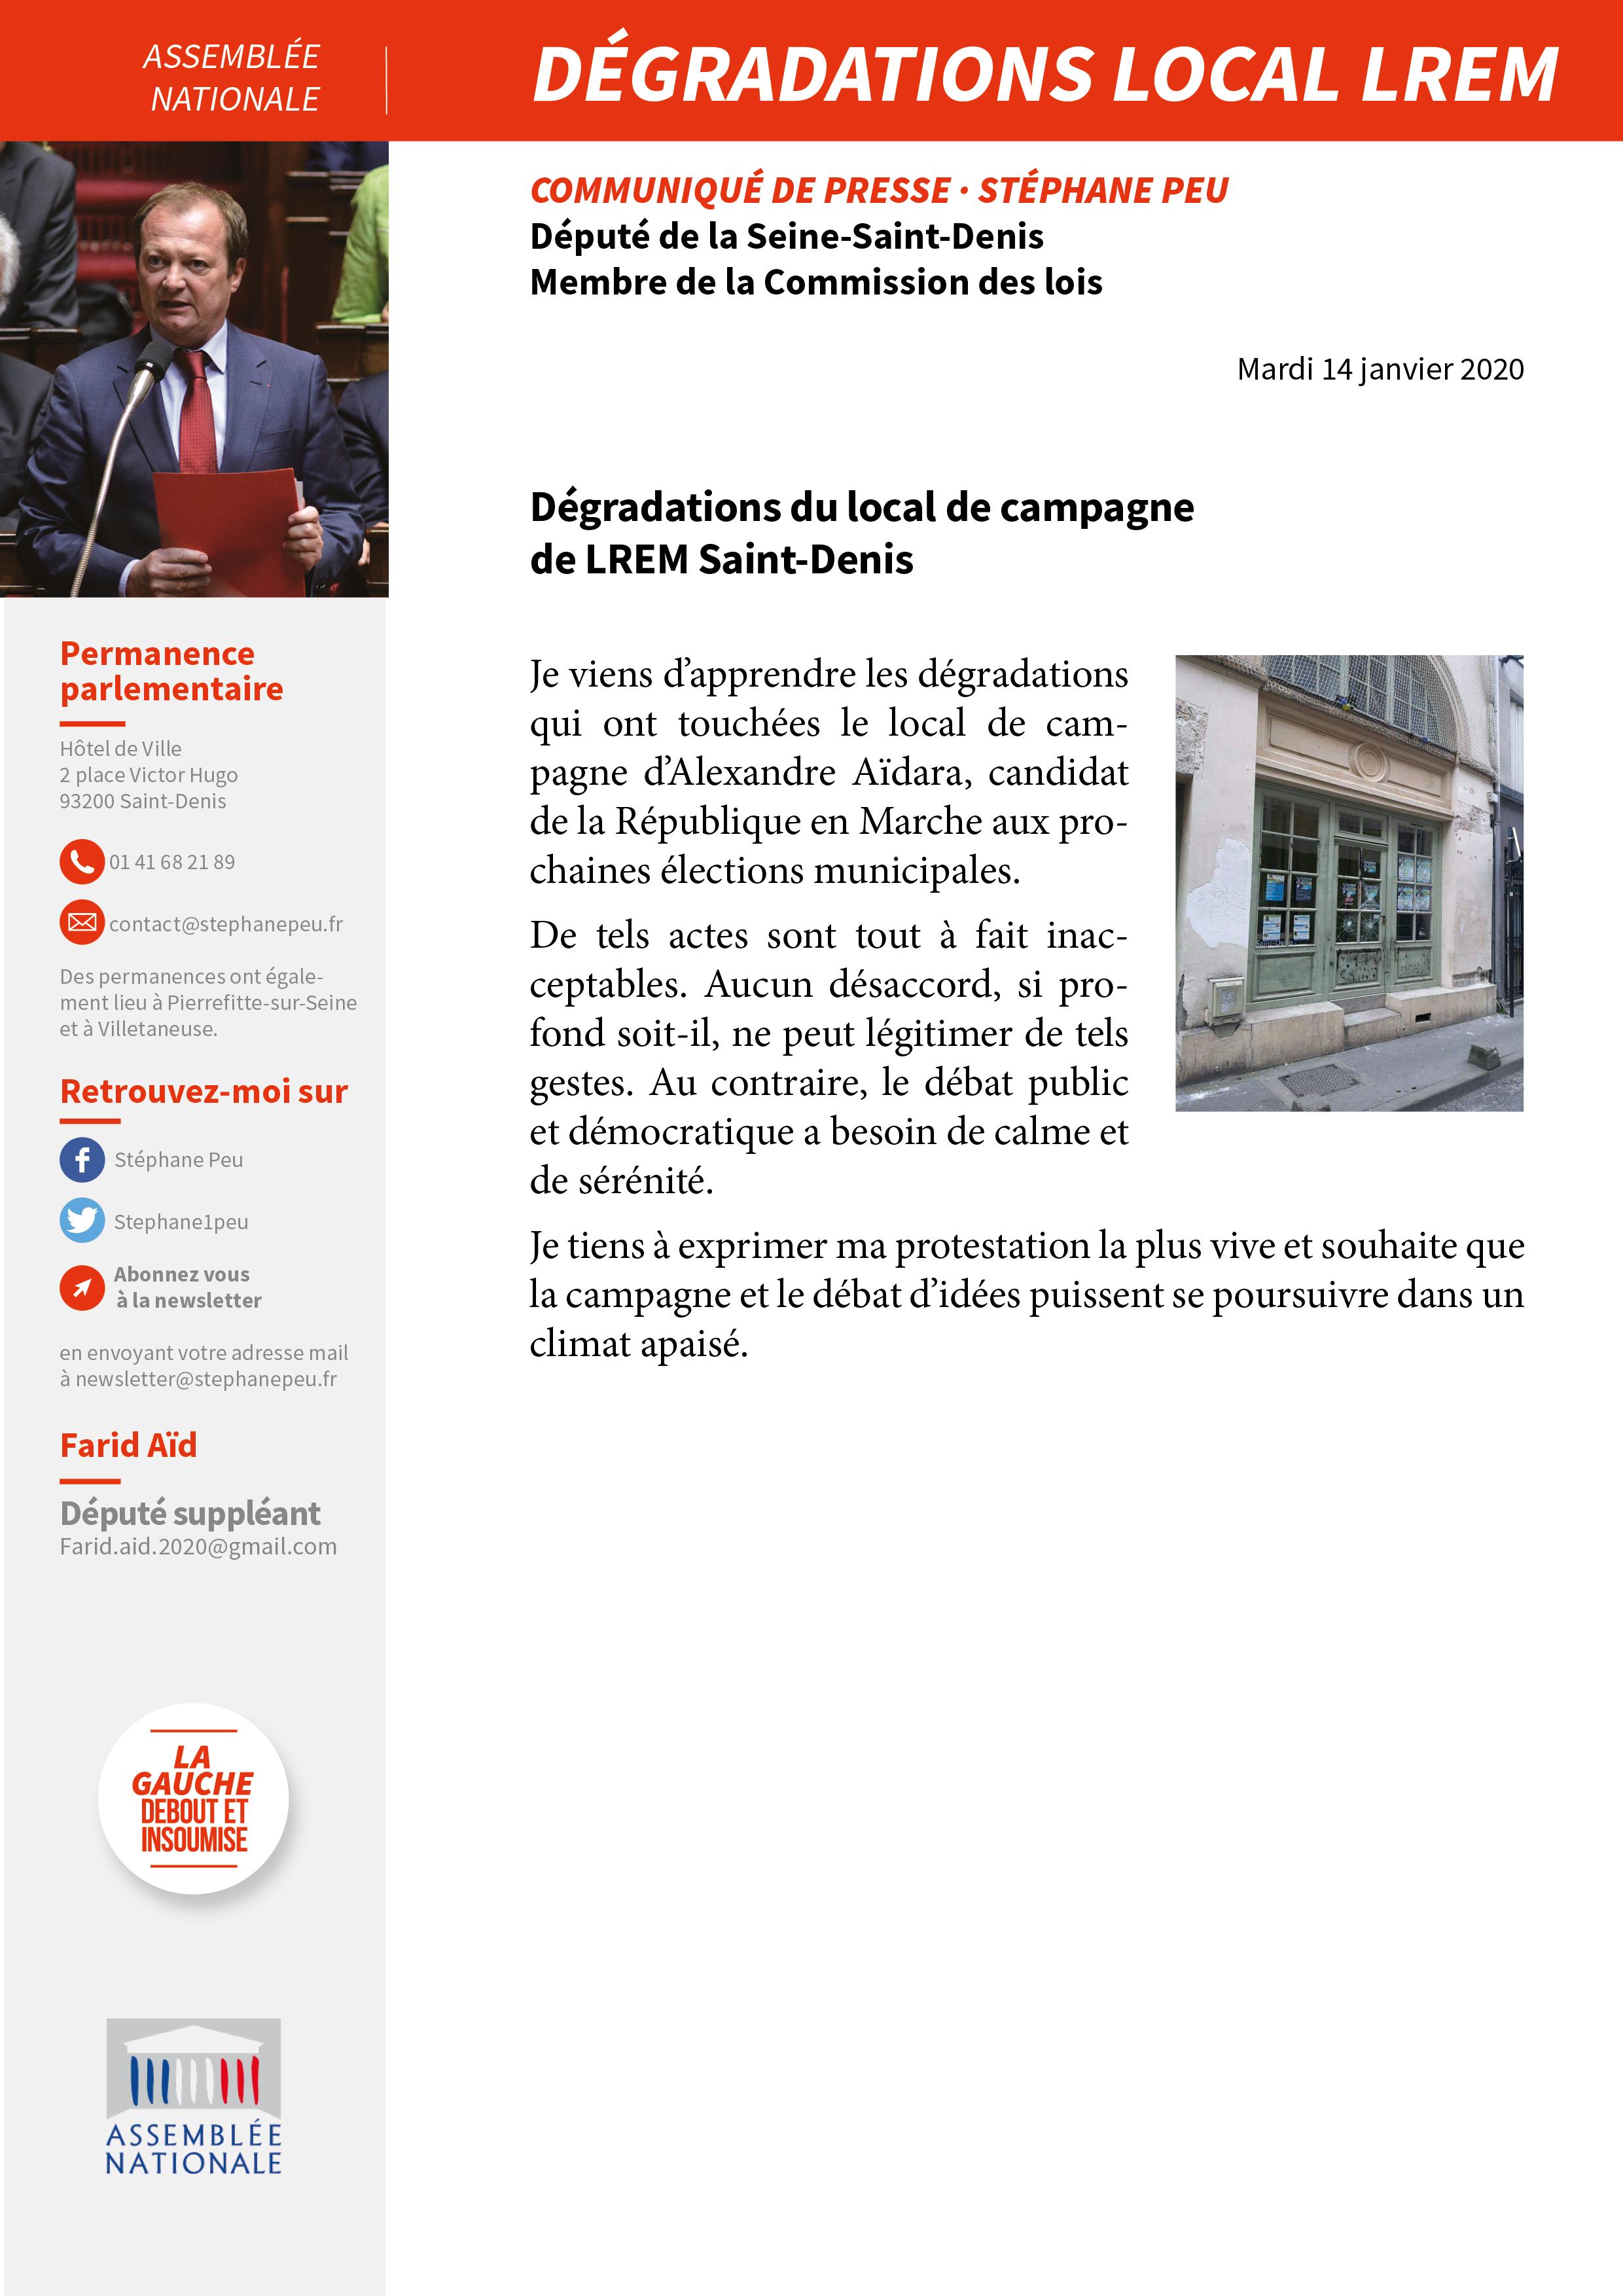 Dégradations Du Local De Campagne De LREM Saint-Denis